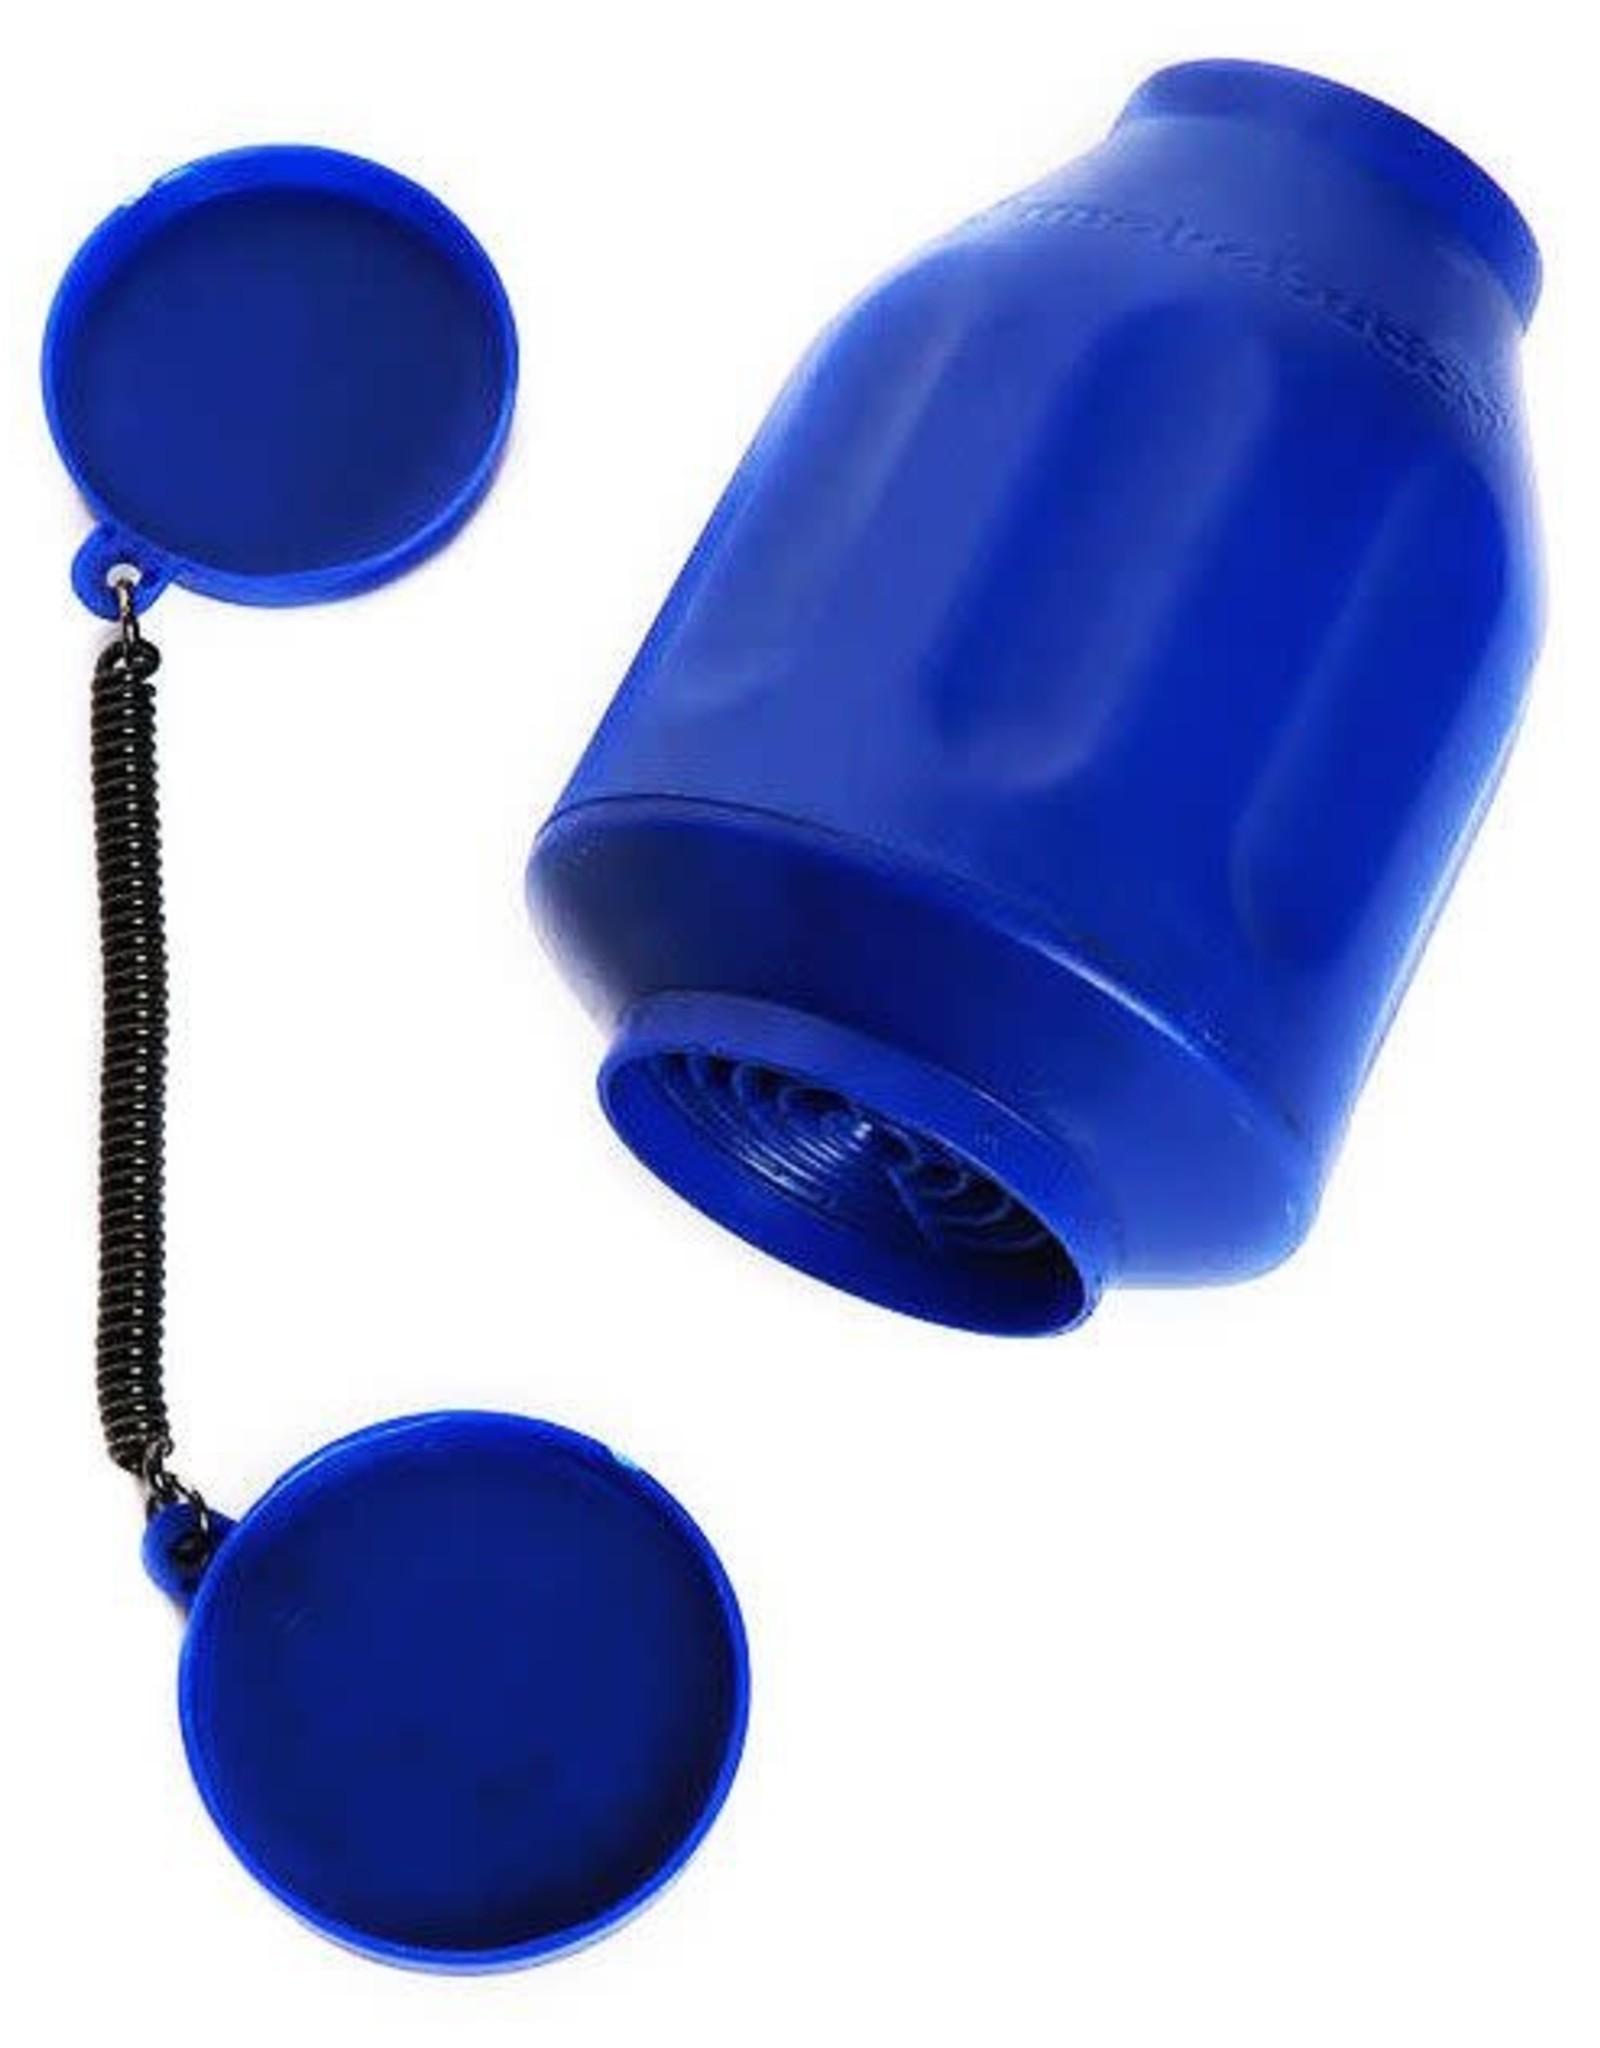 smoke buddy Tie Dye Smokebuddy Original Personal Air Filter